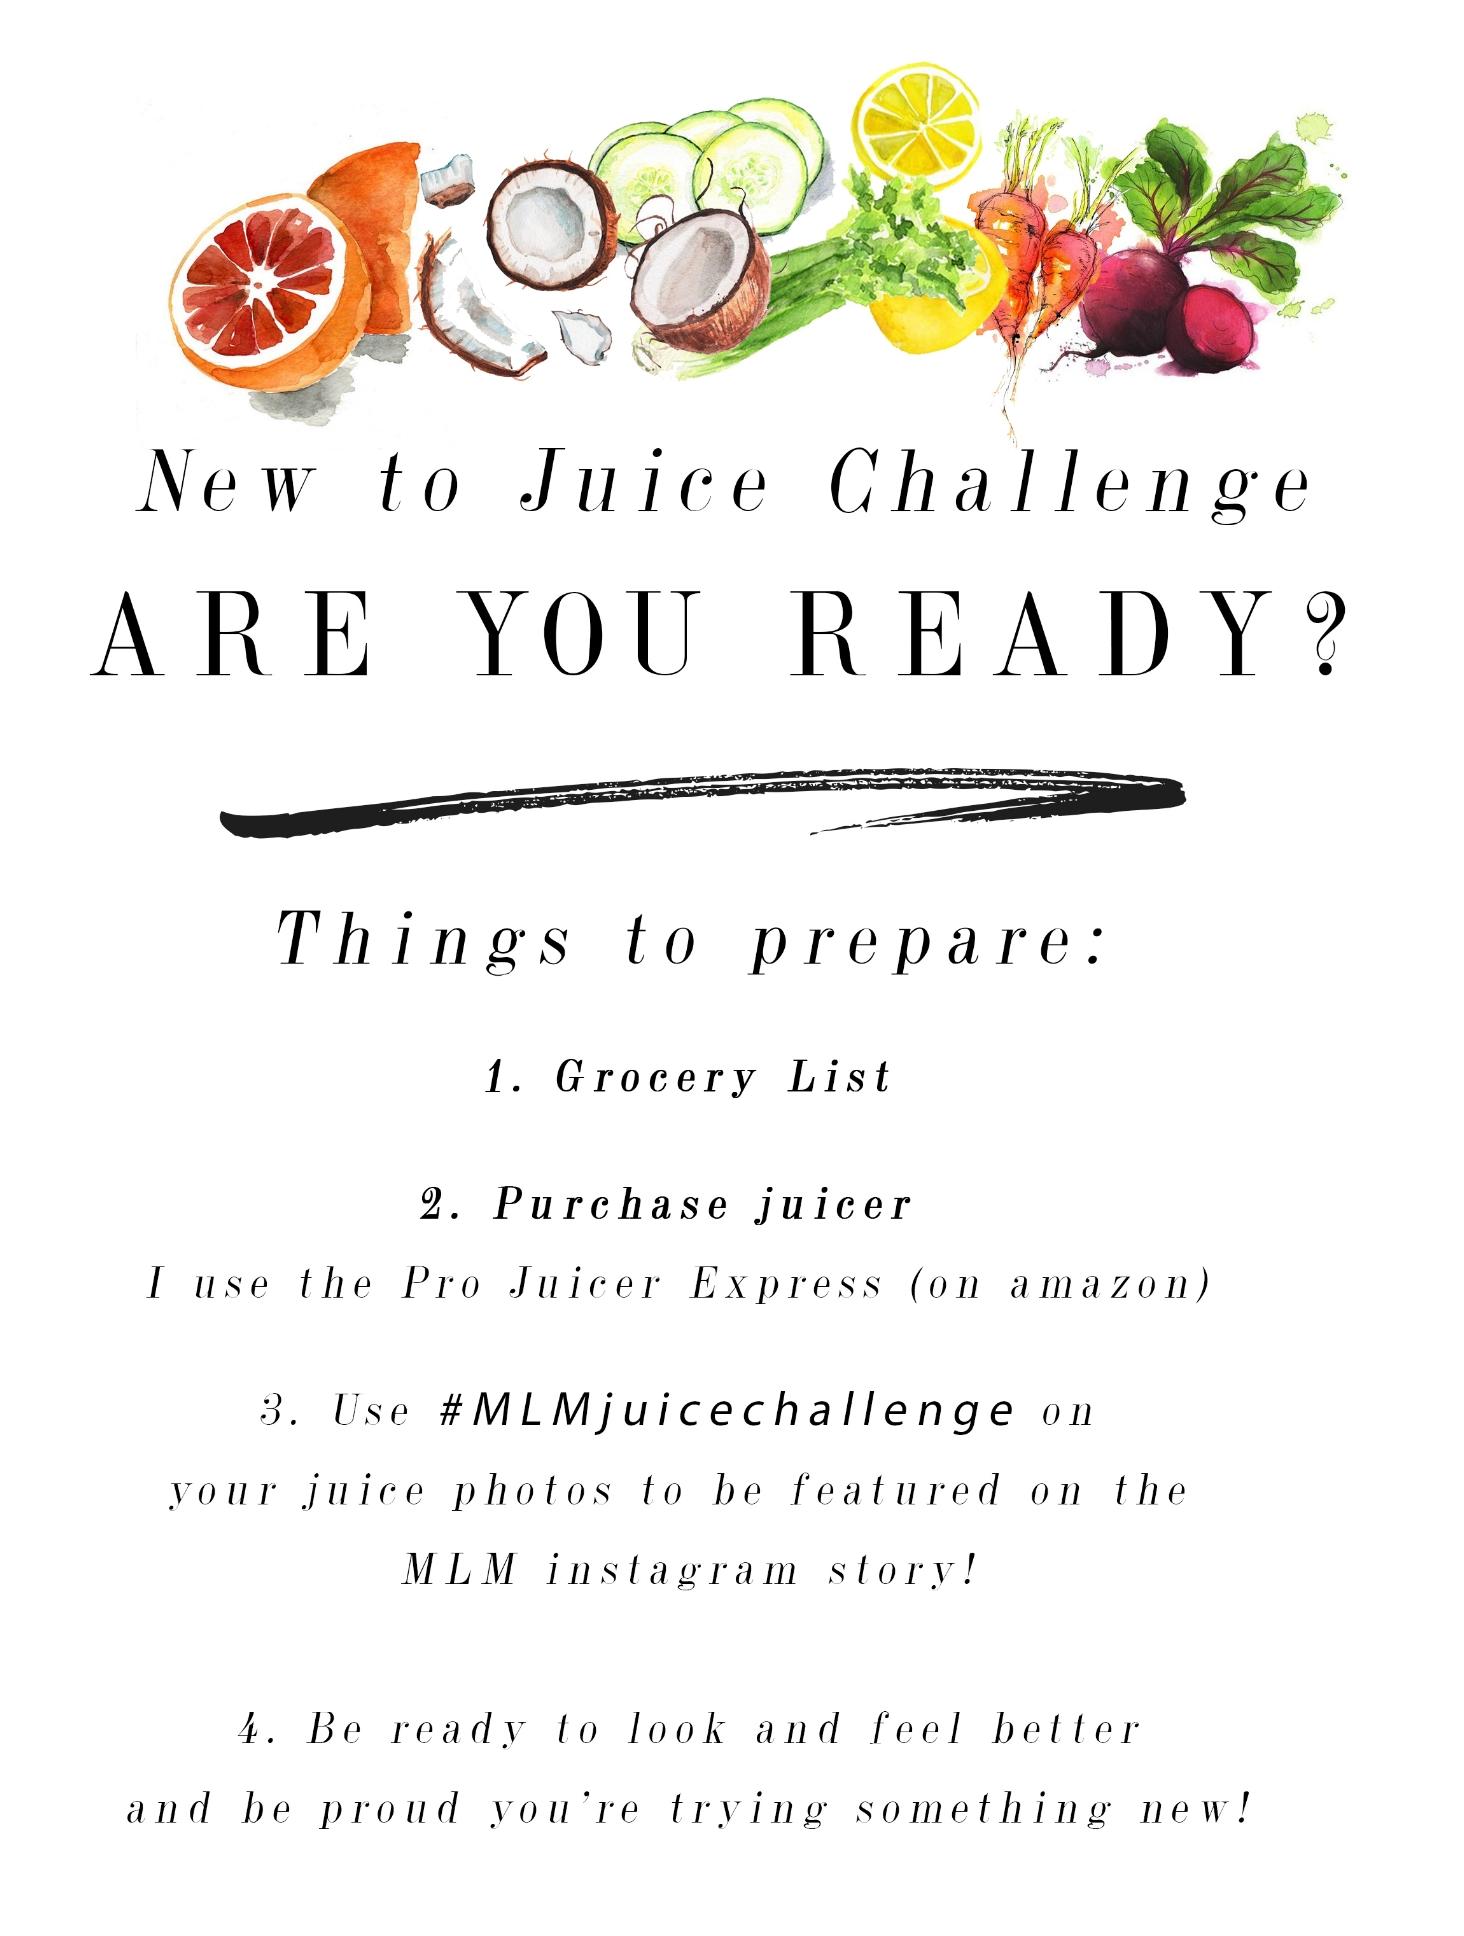 Juicing challenge Prep